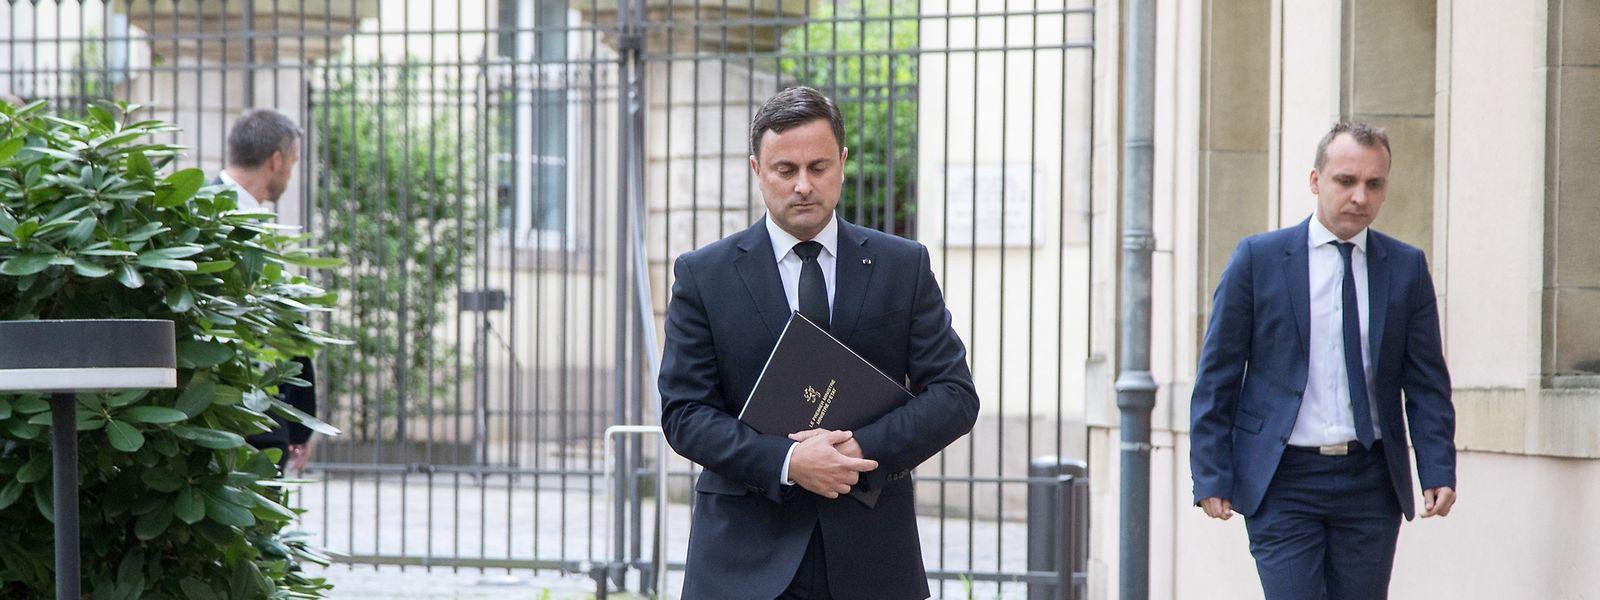 Xavier Bettel, le Premier ministre luxembourgeois, avant sa déclaration ce mardi matin suite au décès de S.A.R. le Grand-Duc Jean.